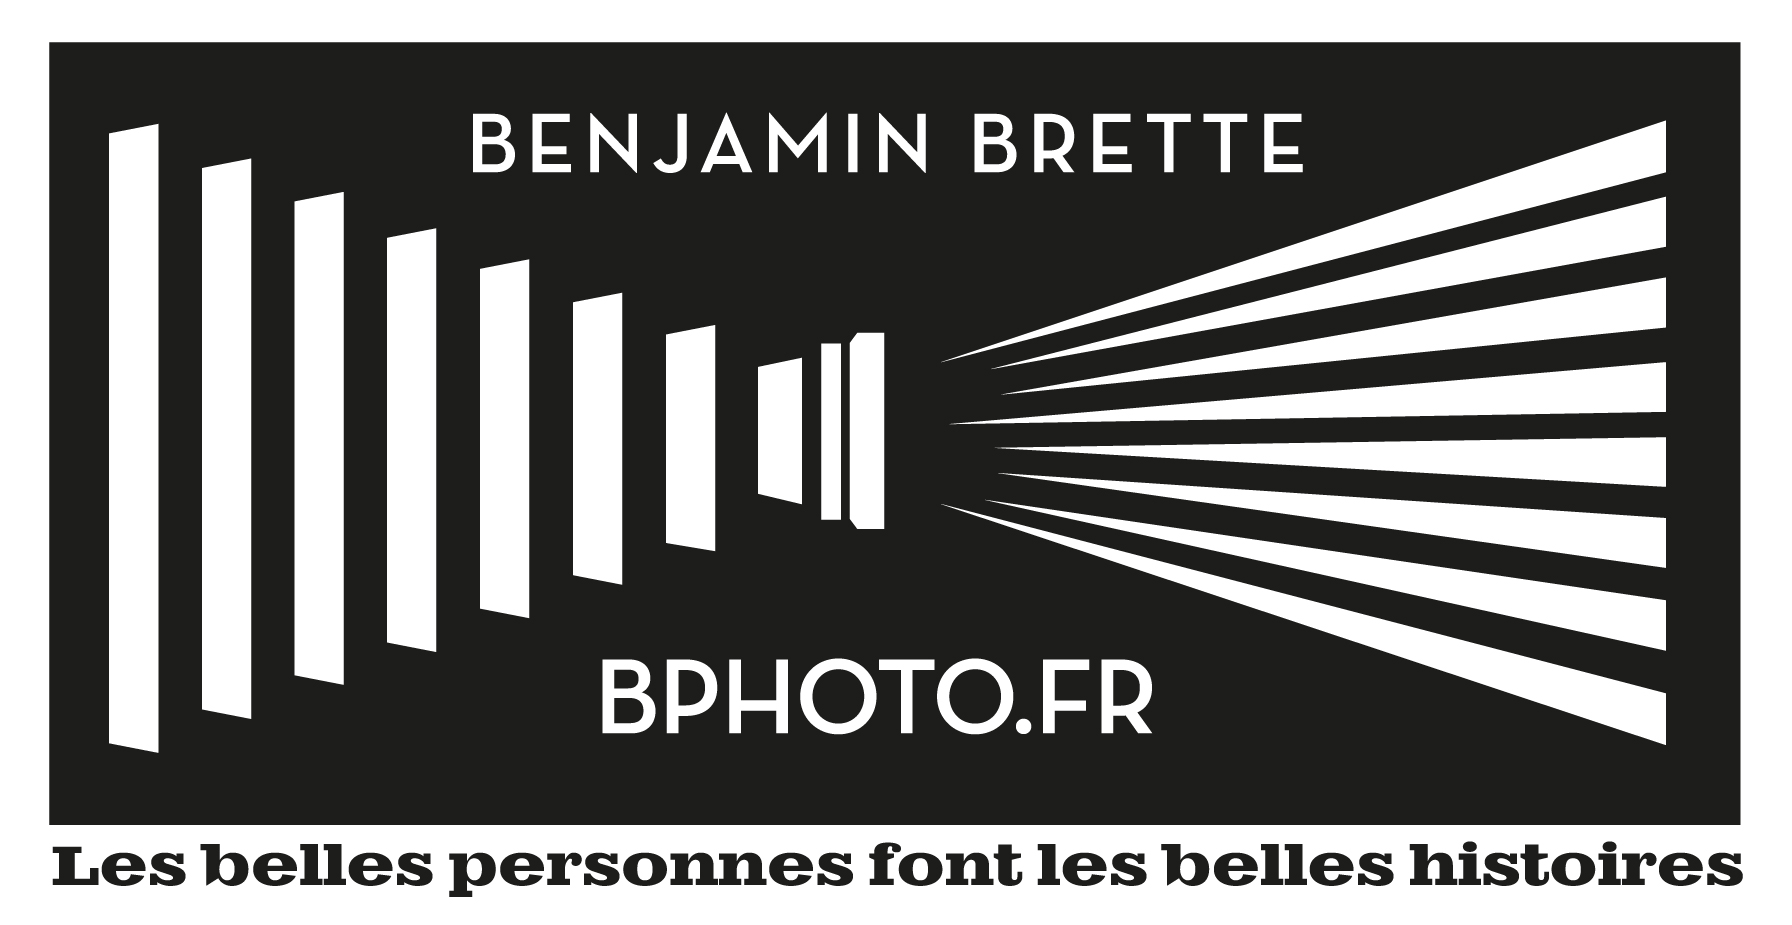 Benjamin Brette